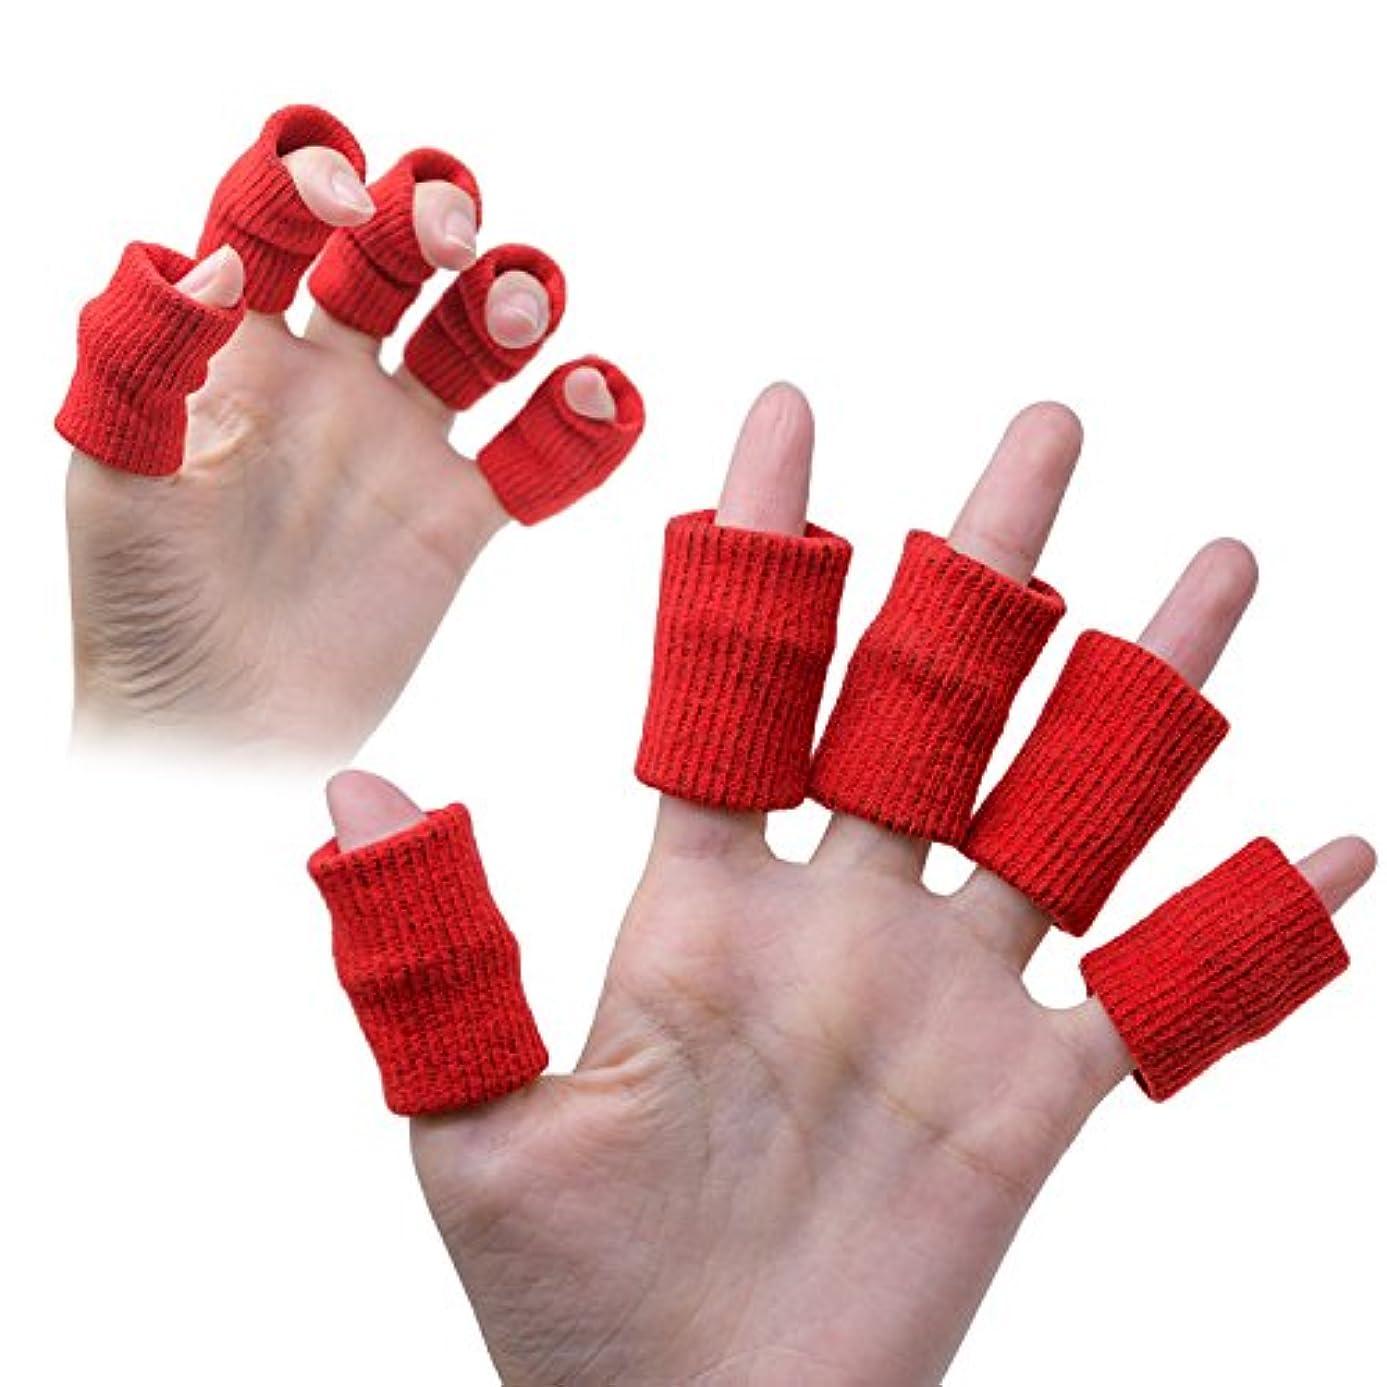 蓋無駄な忌み嫌うSumifun 親指プロテクター 足指チューブ ? ゲルプロテクター ケア指スリーブ&指先保護は関節炎、硬さ、痛みを緩和する